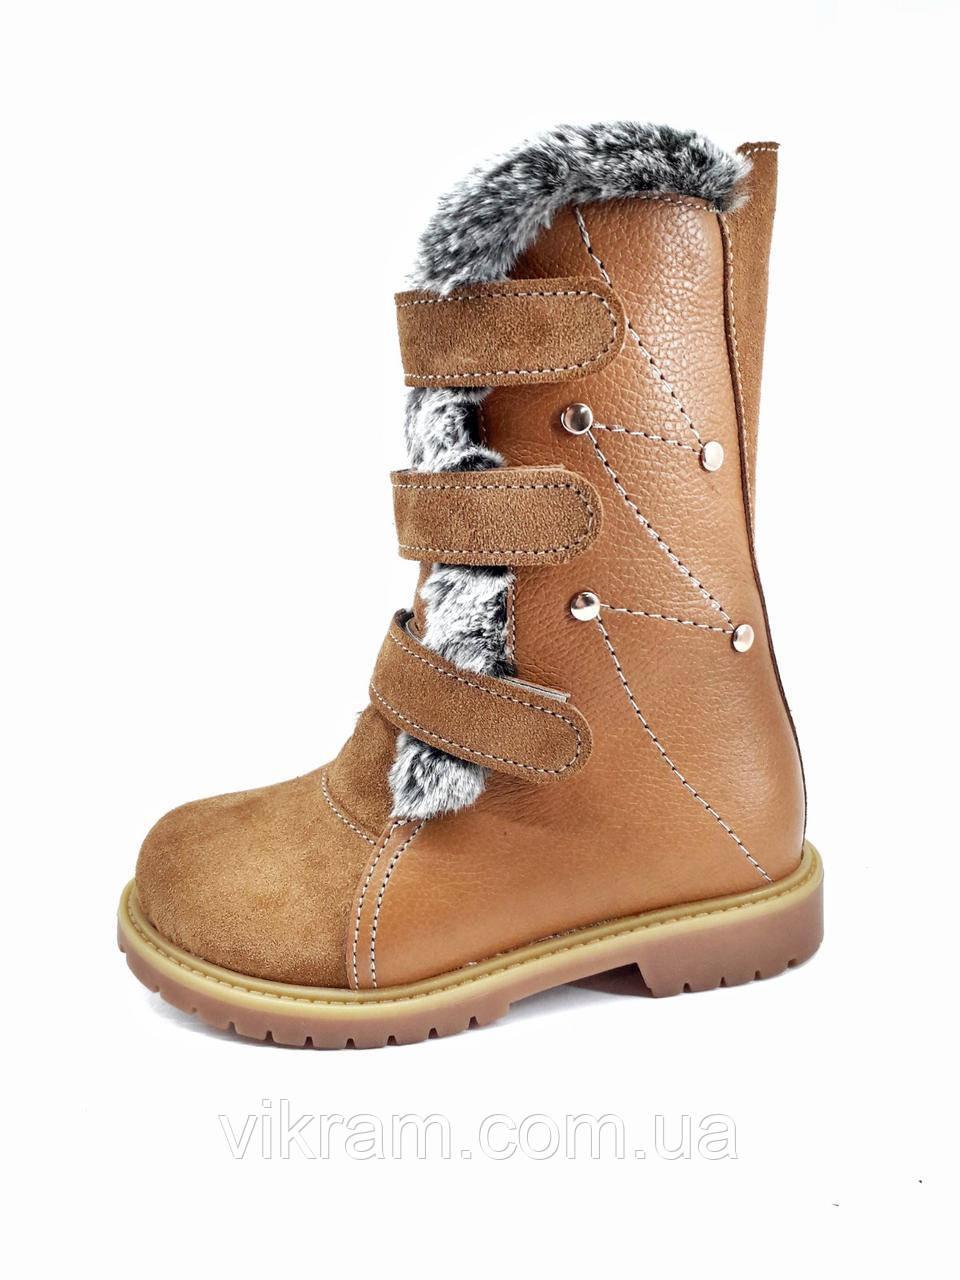 Зимние кожаные ортопедические ботиночки для девочек СНЕЖКА рыжий